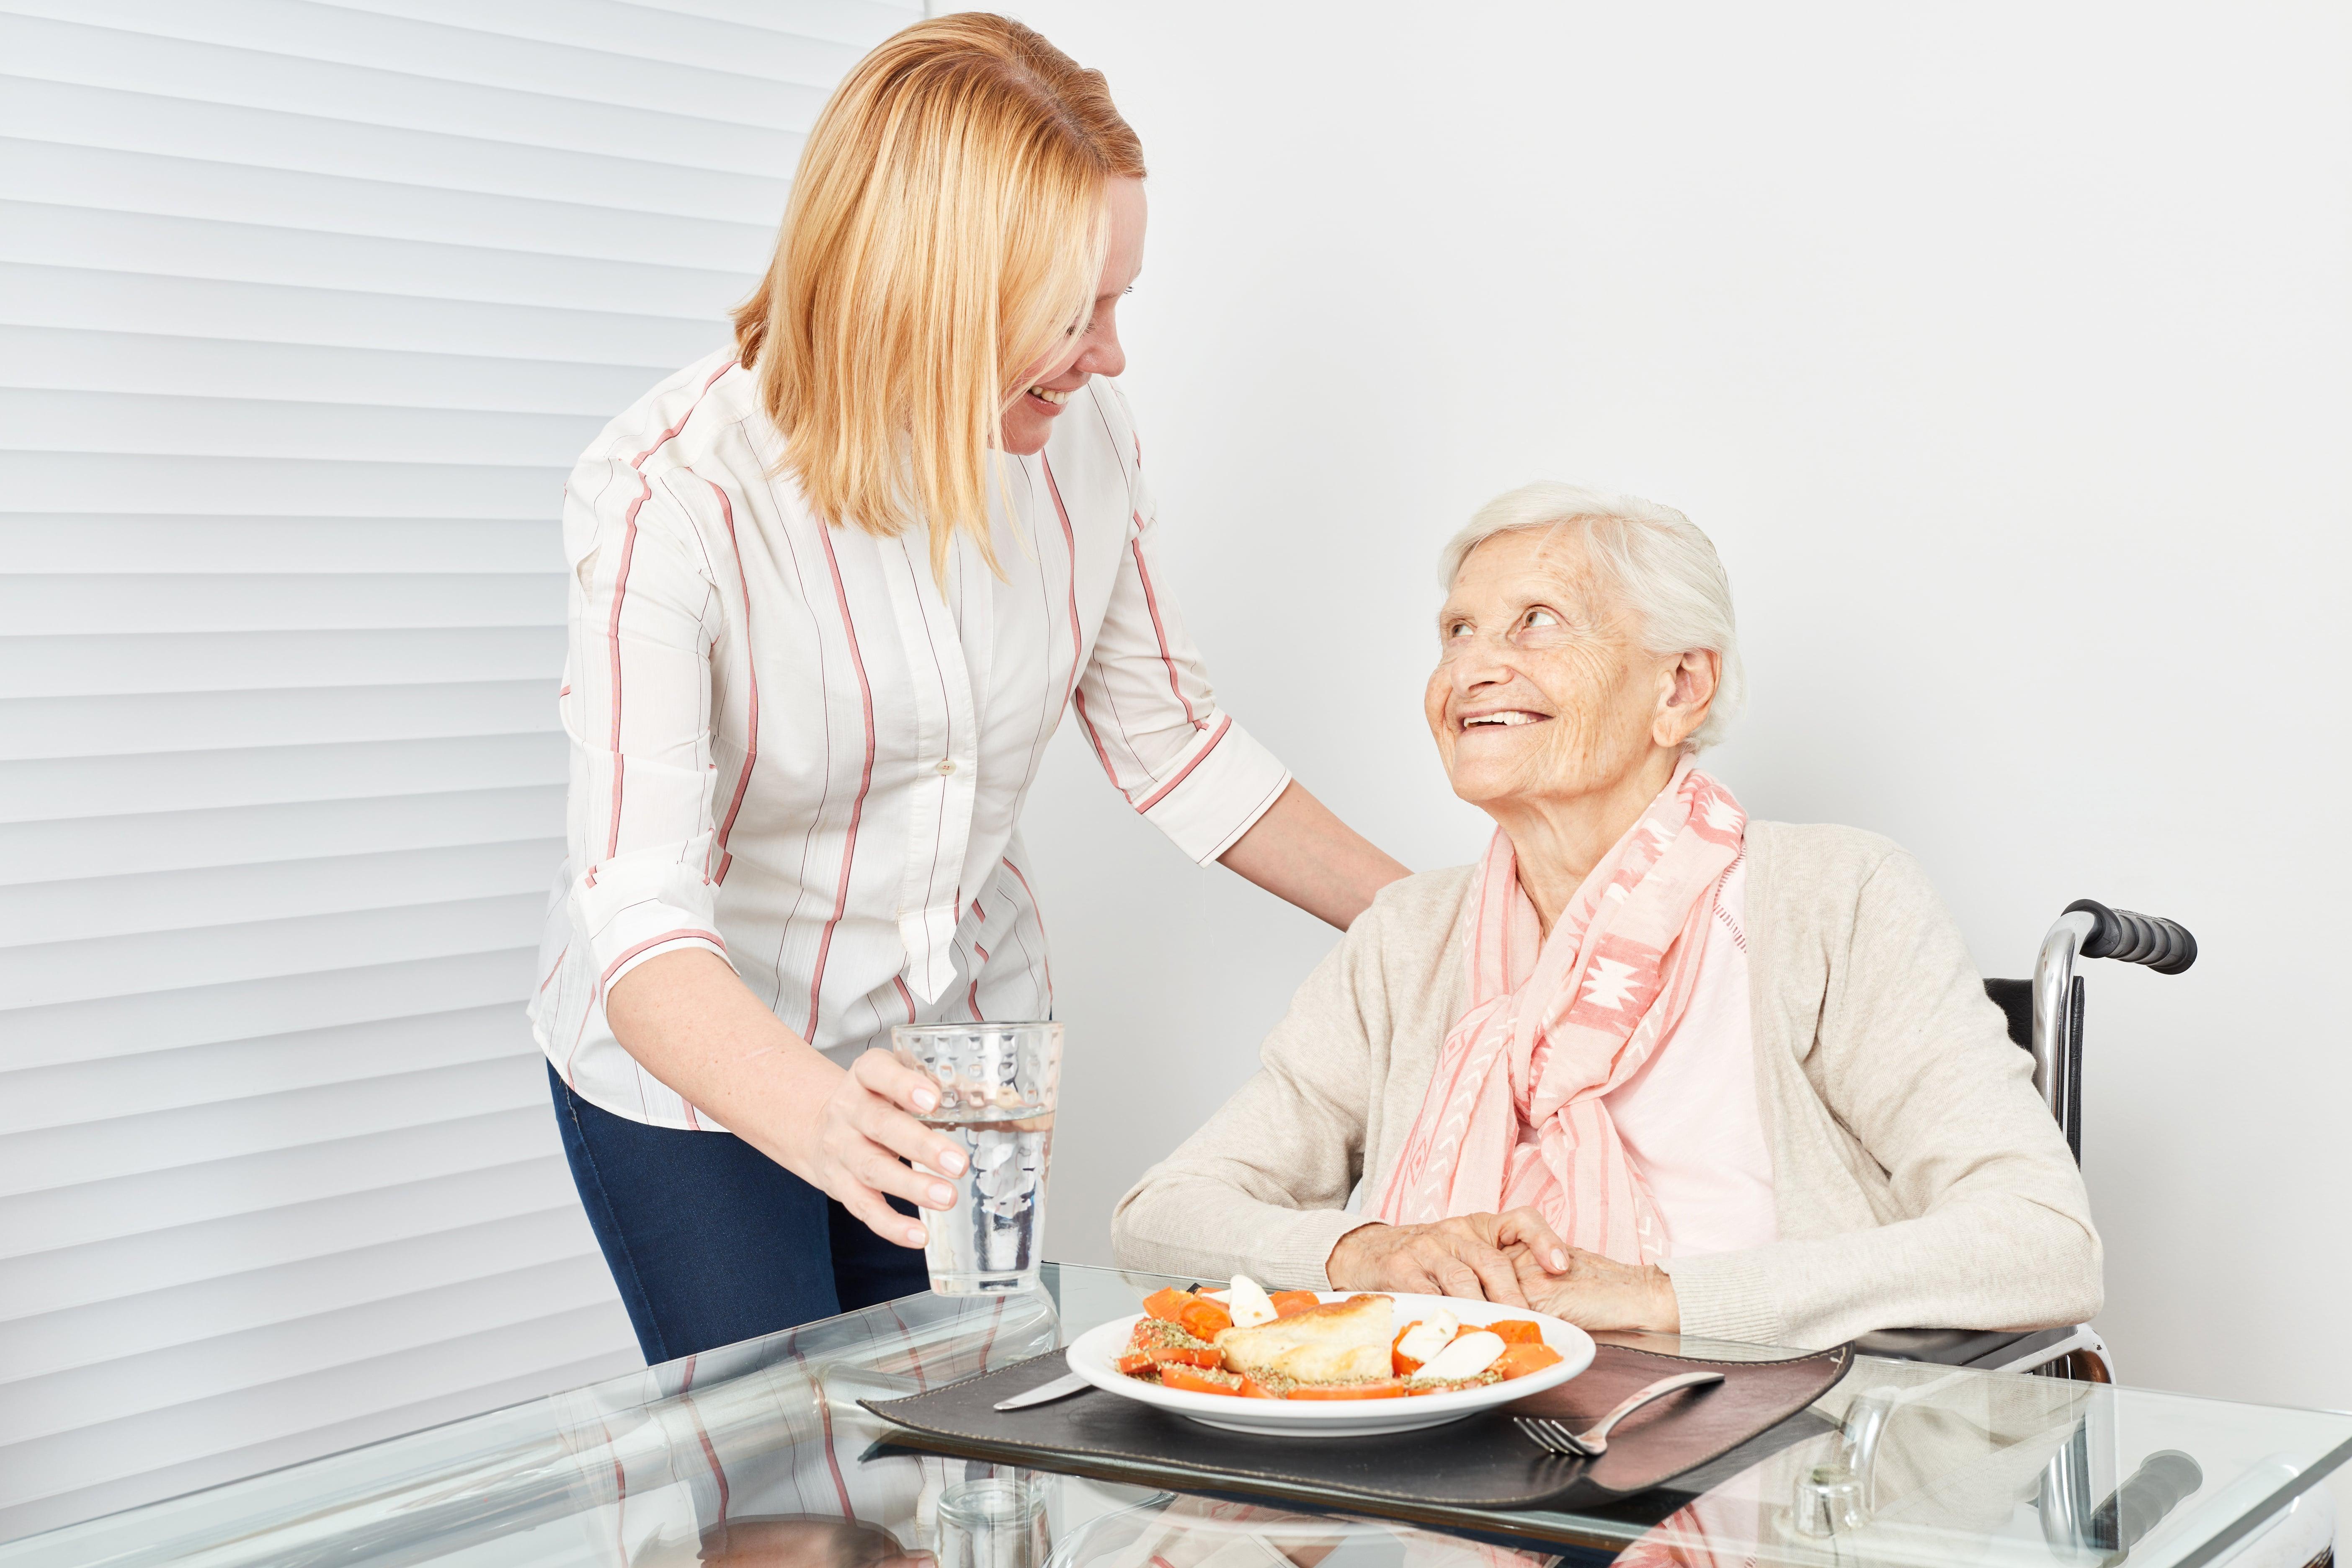 Regeneraatiouunilla kuumennettaessa voit huomioida yksilölliset makumieltymykset ja dieetit.